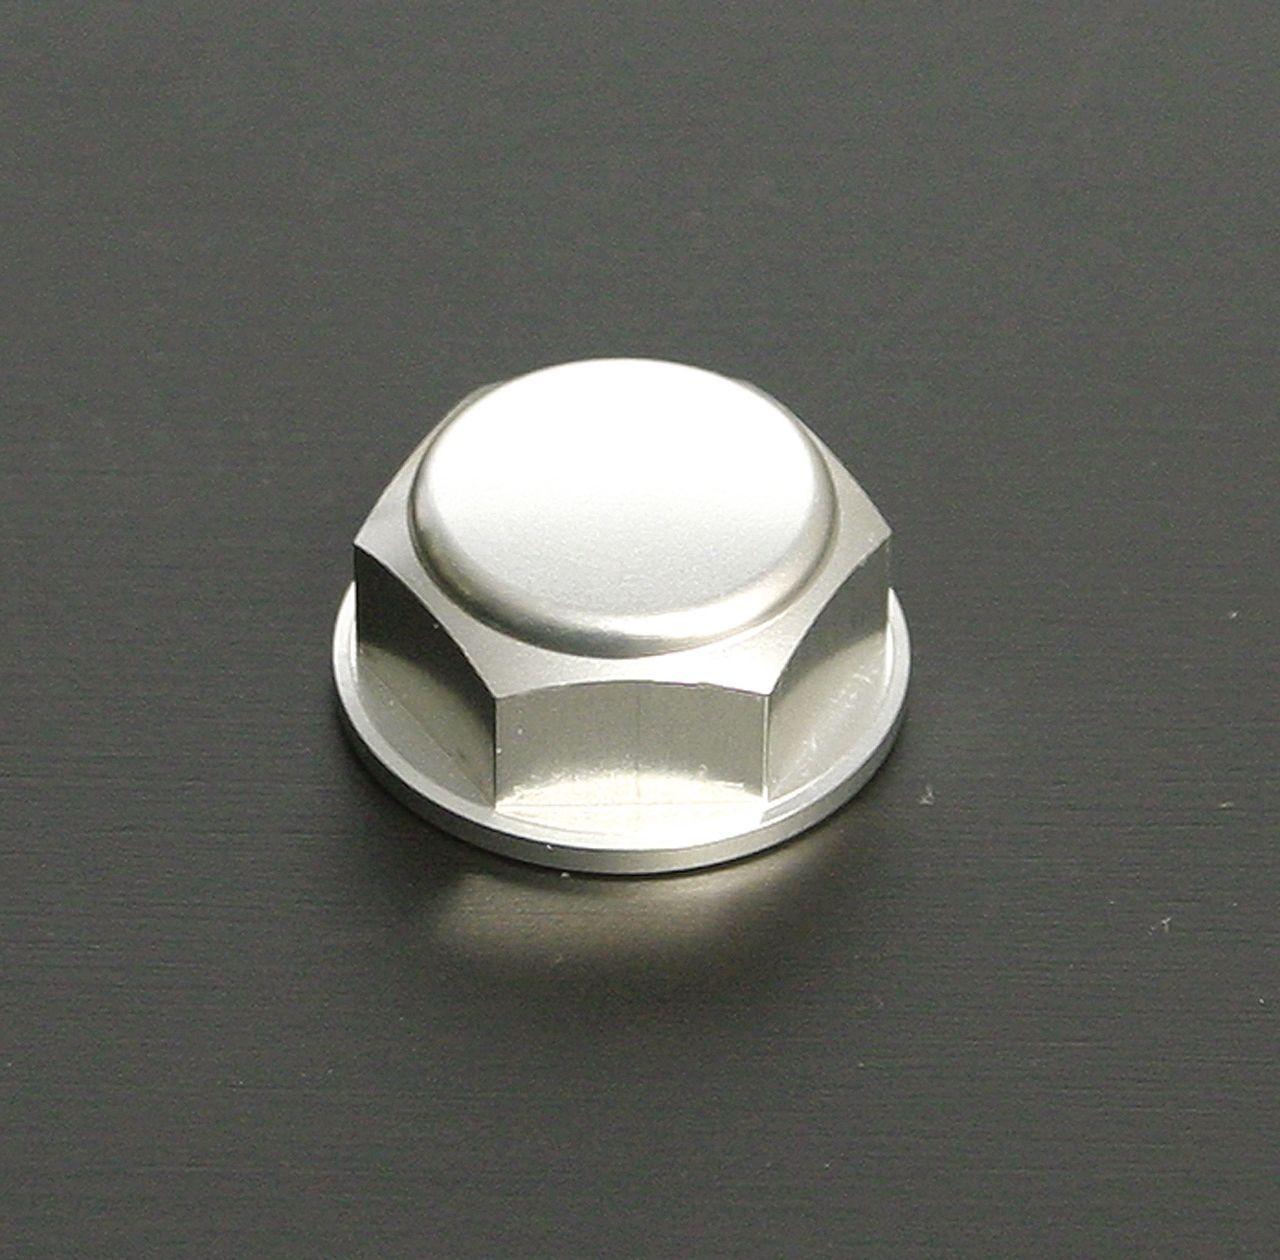 鋁合金切削加工螺絲上蓋